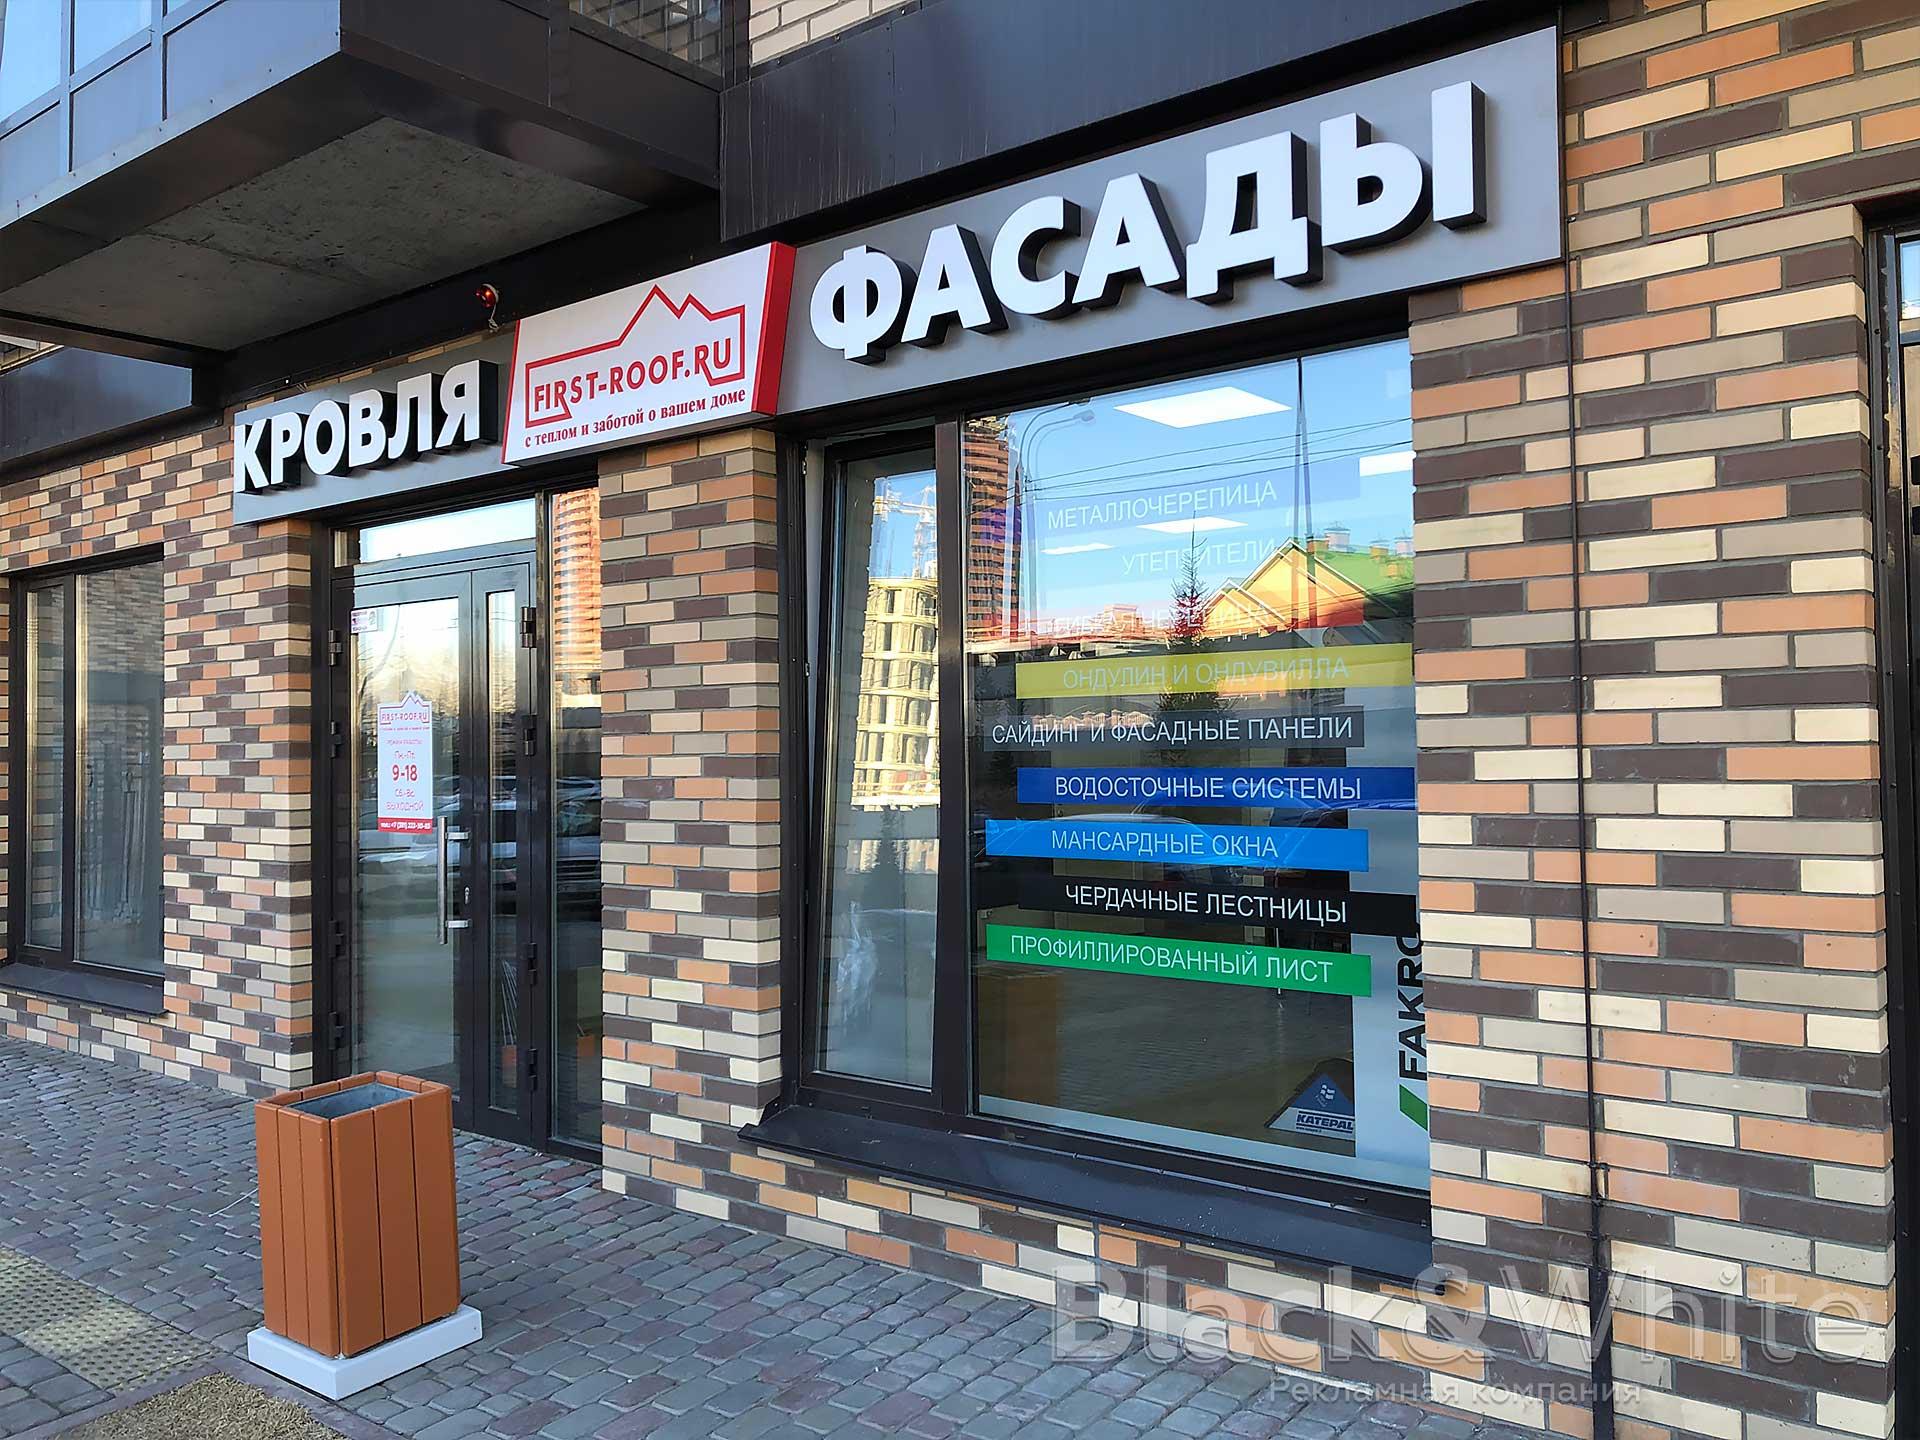 Изготовление-световой-вывески-с-объёмными-буквами-для-магазина-в-Красноярске1.jpg